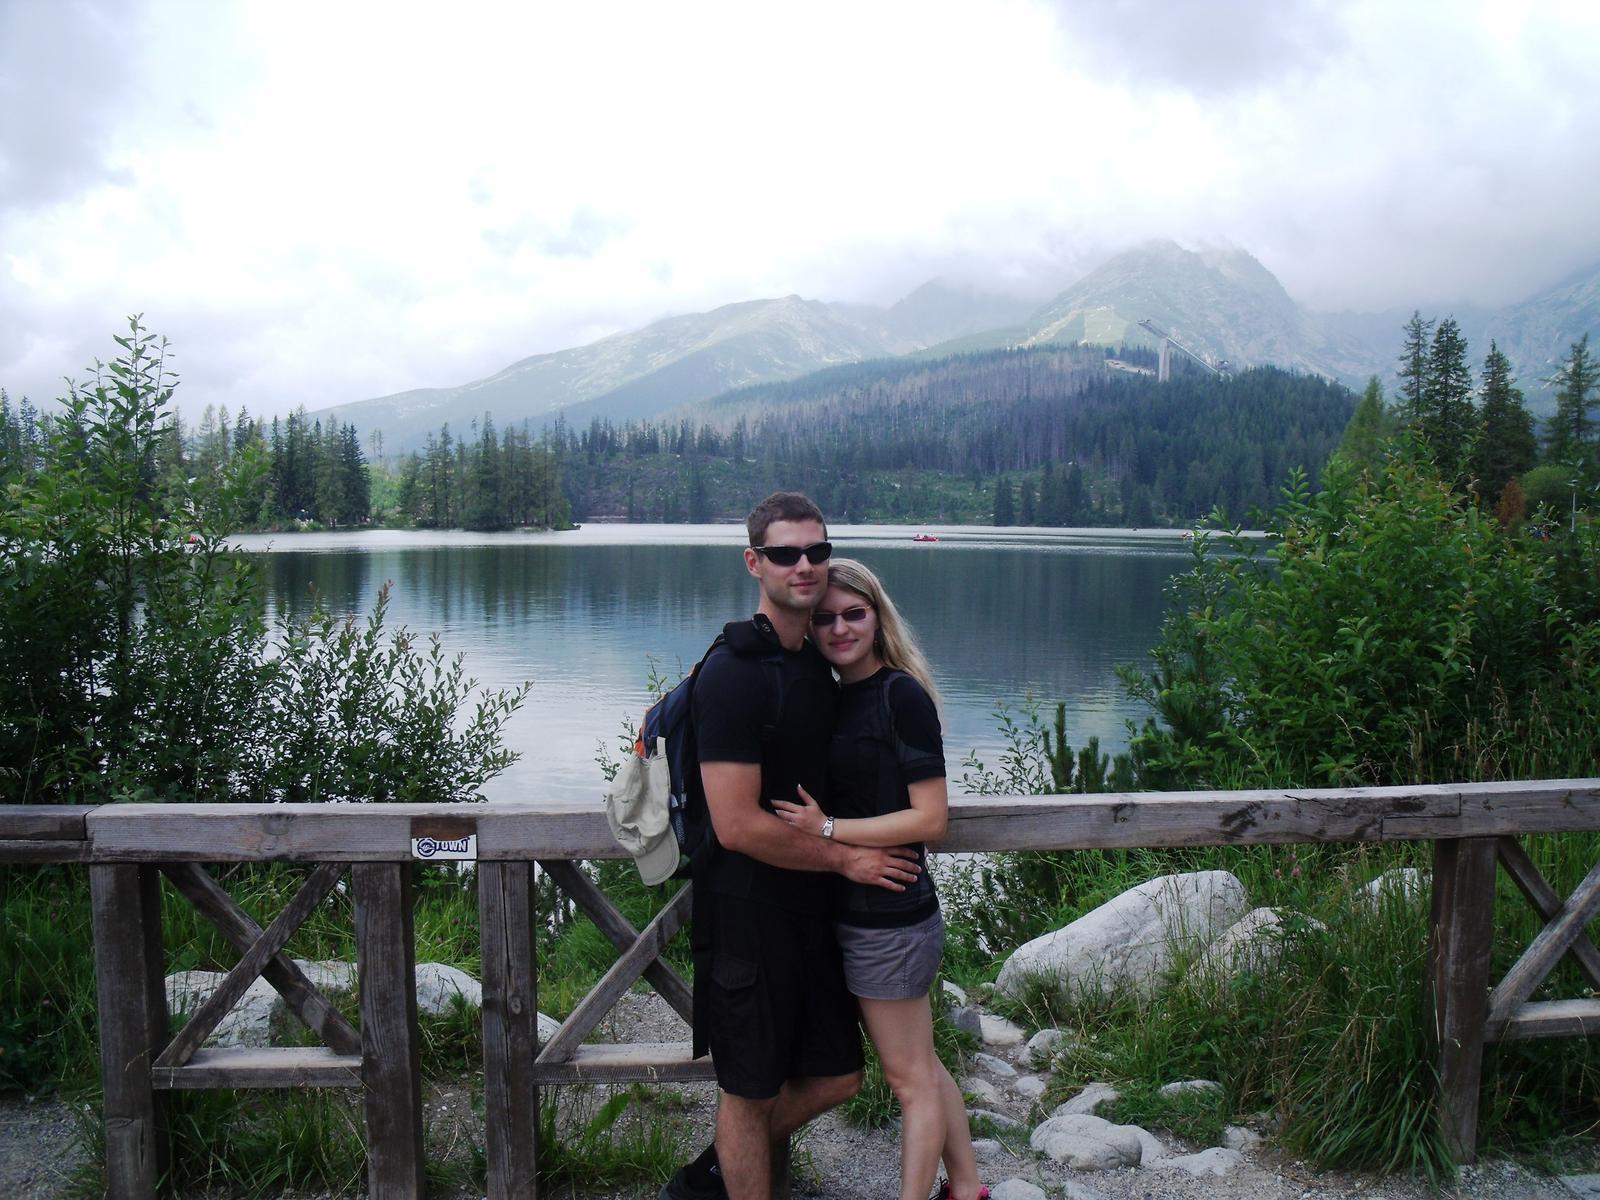 Petra{{_AND_}}Jarek - Tak máme za sebou první výročí svatby a náš vztah je čím dál lepší, jsem po boku svého muže moc šťastná :) fotečka ze svatební cesty v Tatrách